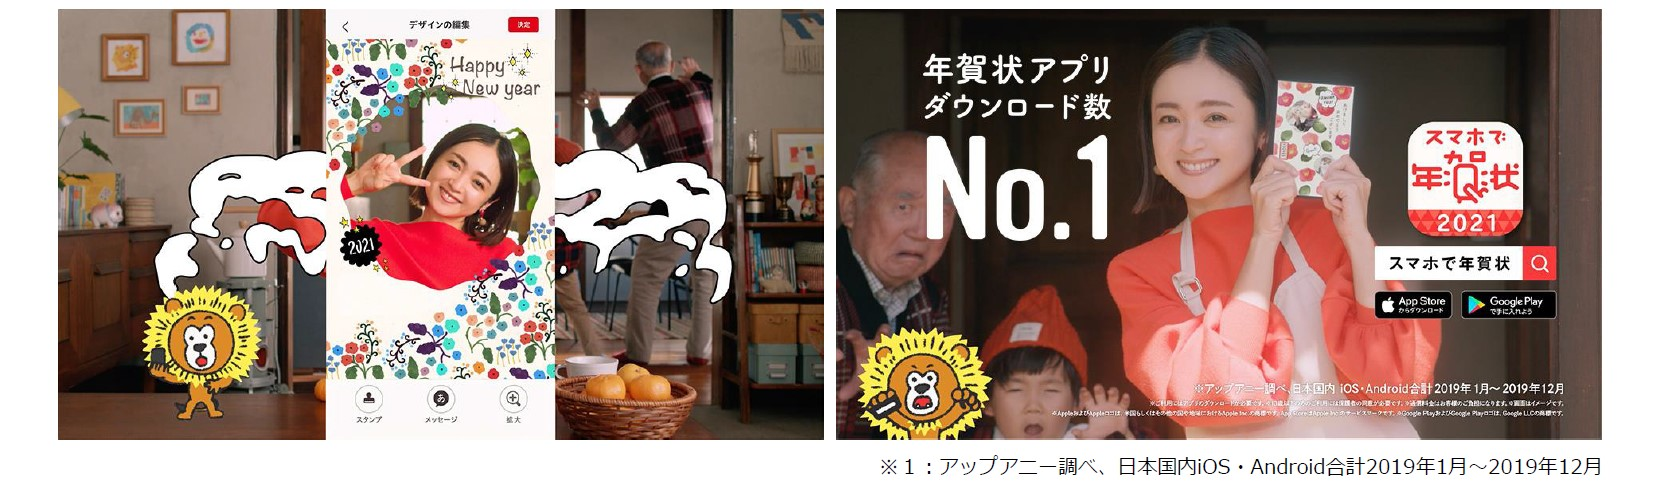 安達祐実さんご出演 ダウンロード数No.1「スマホで年賀状2021」新TVCM 2020年11月28日(土)より全国でオンエア開始!